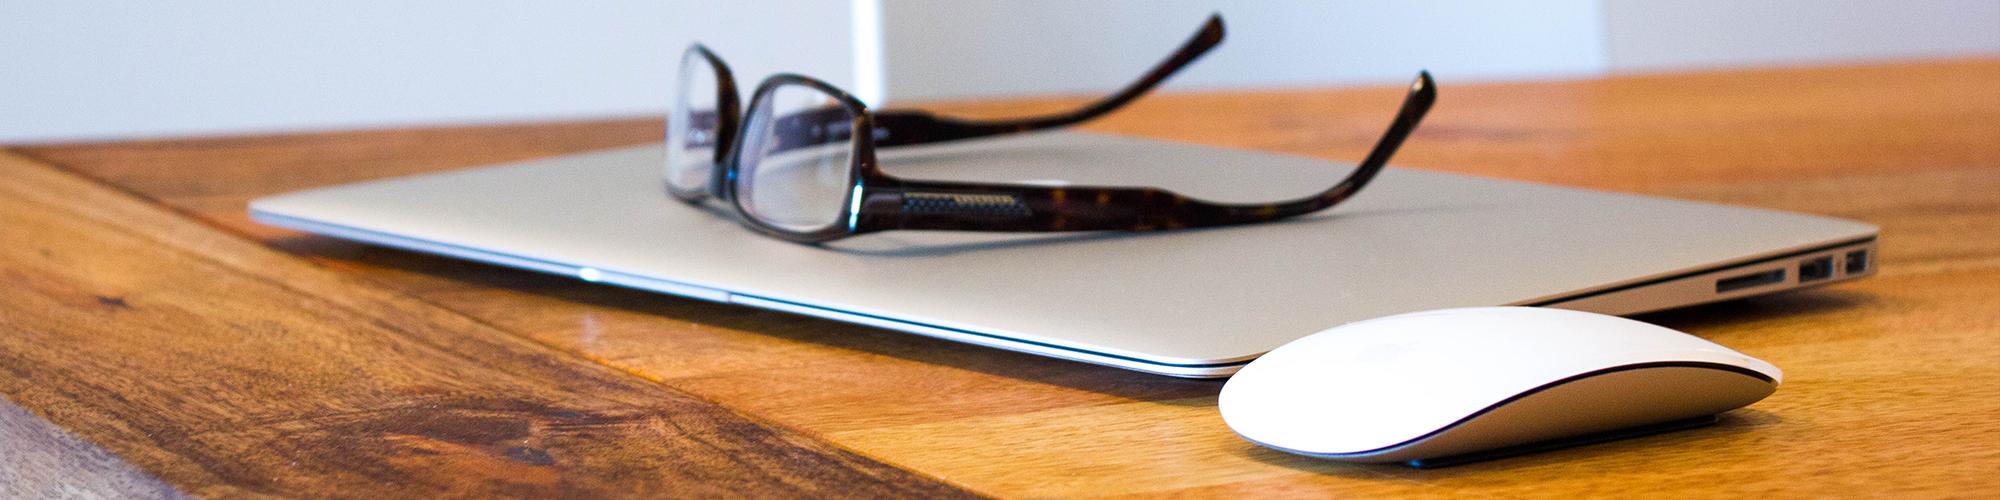 Desk11.jpg